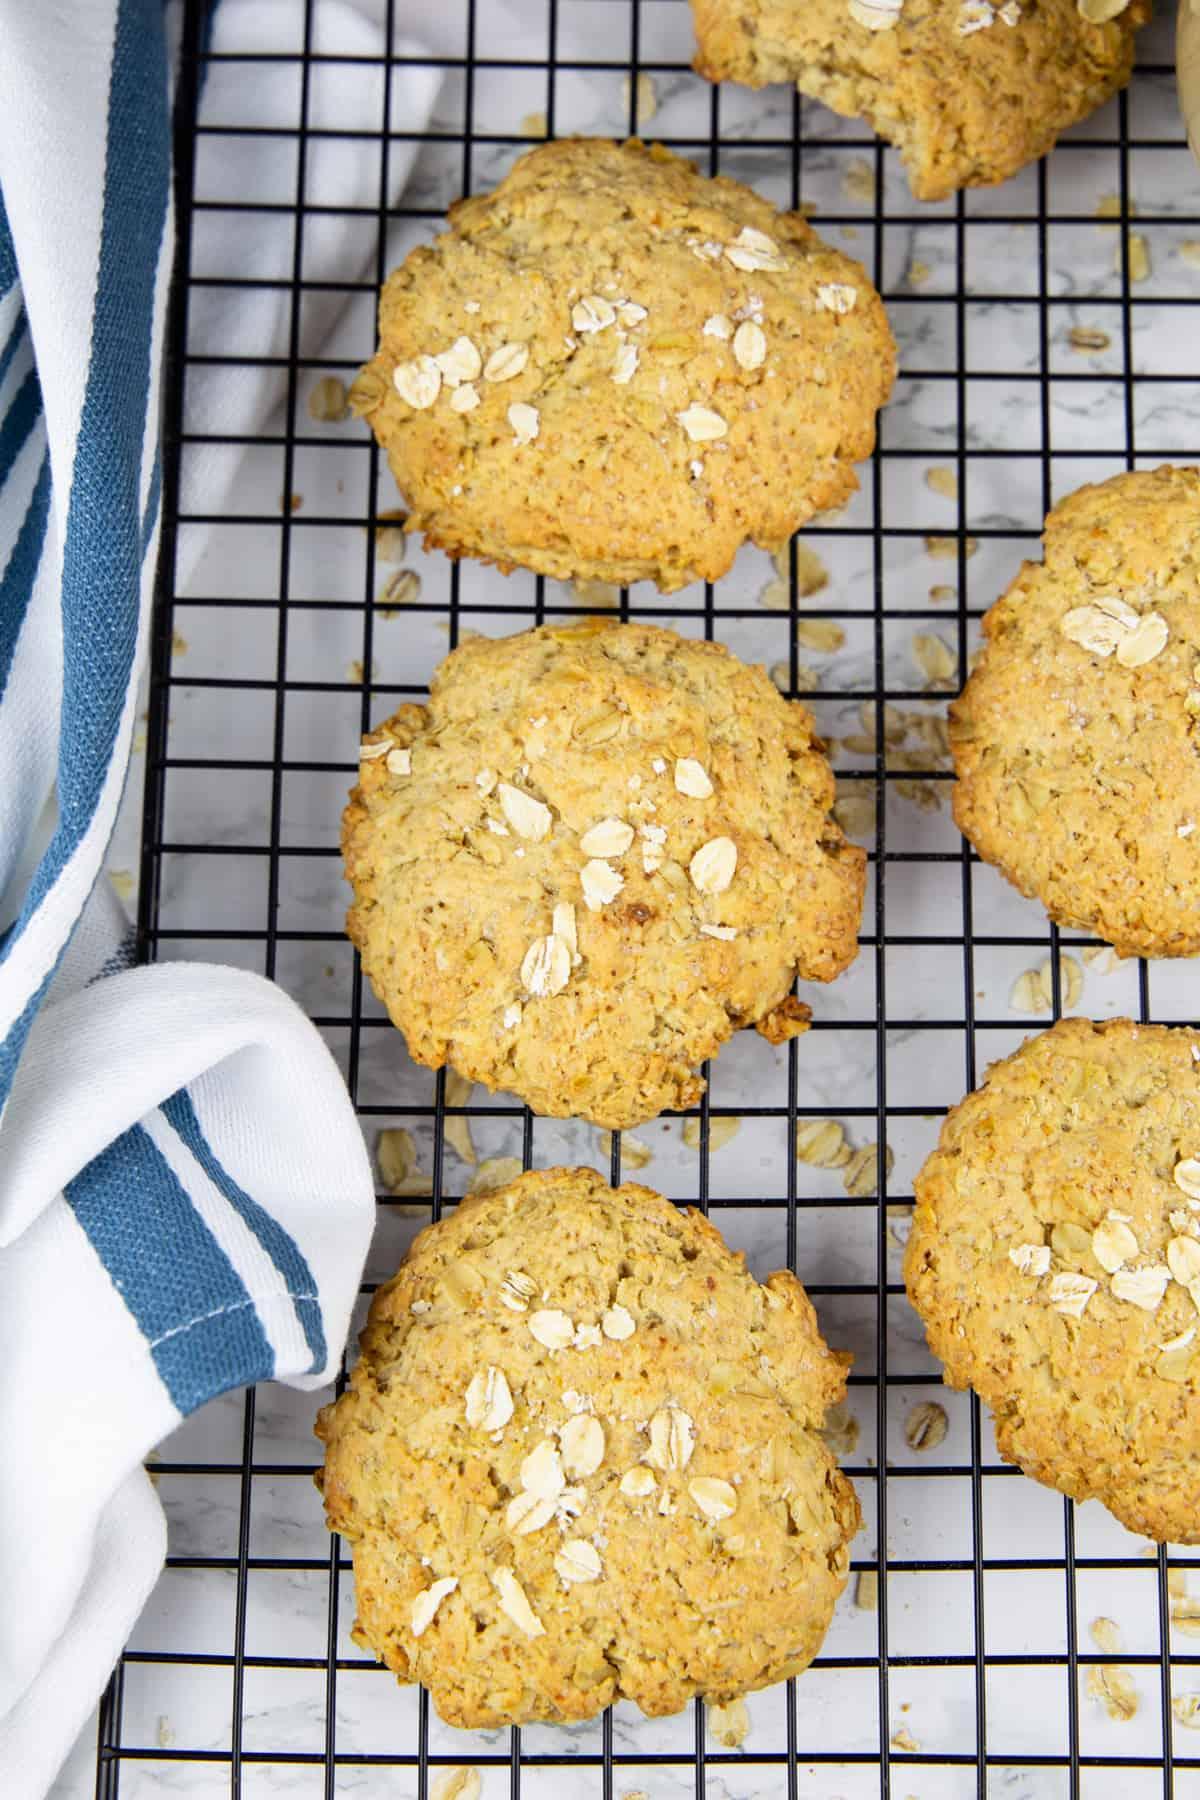 sechs Cookies auf einem Abkühlgitter